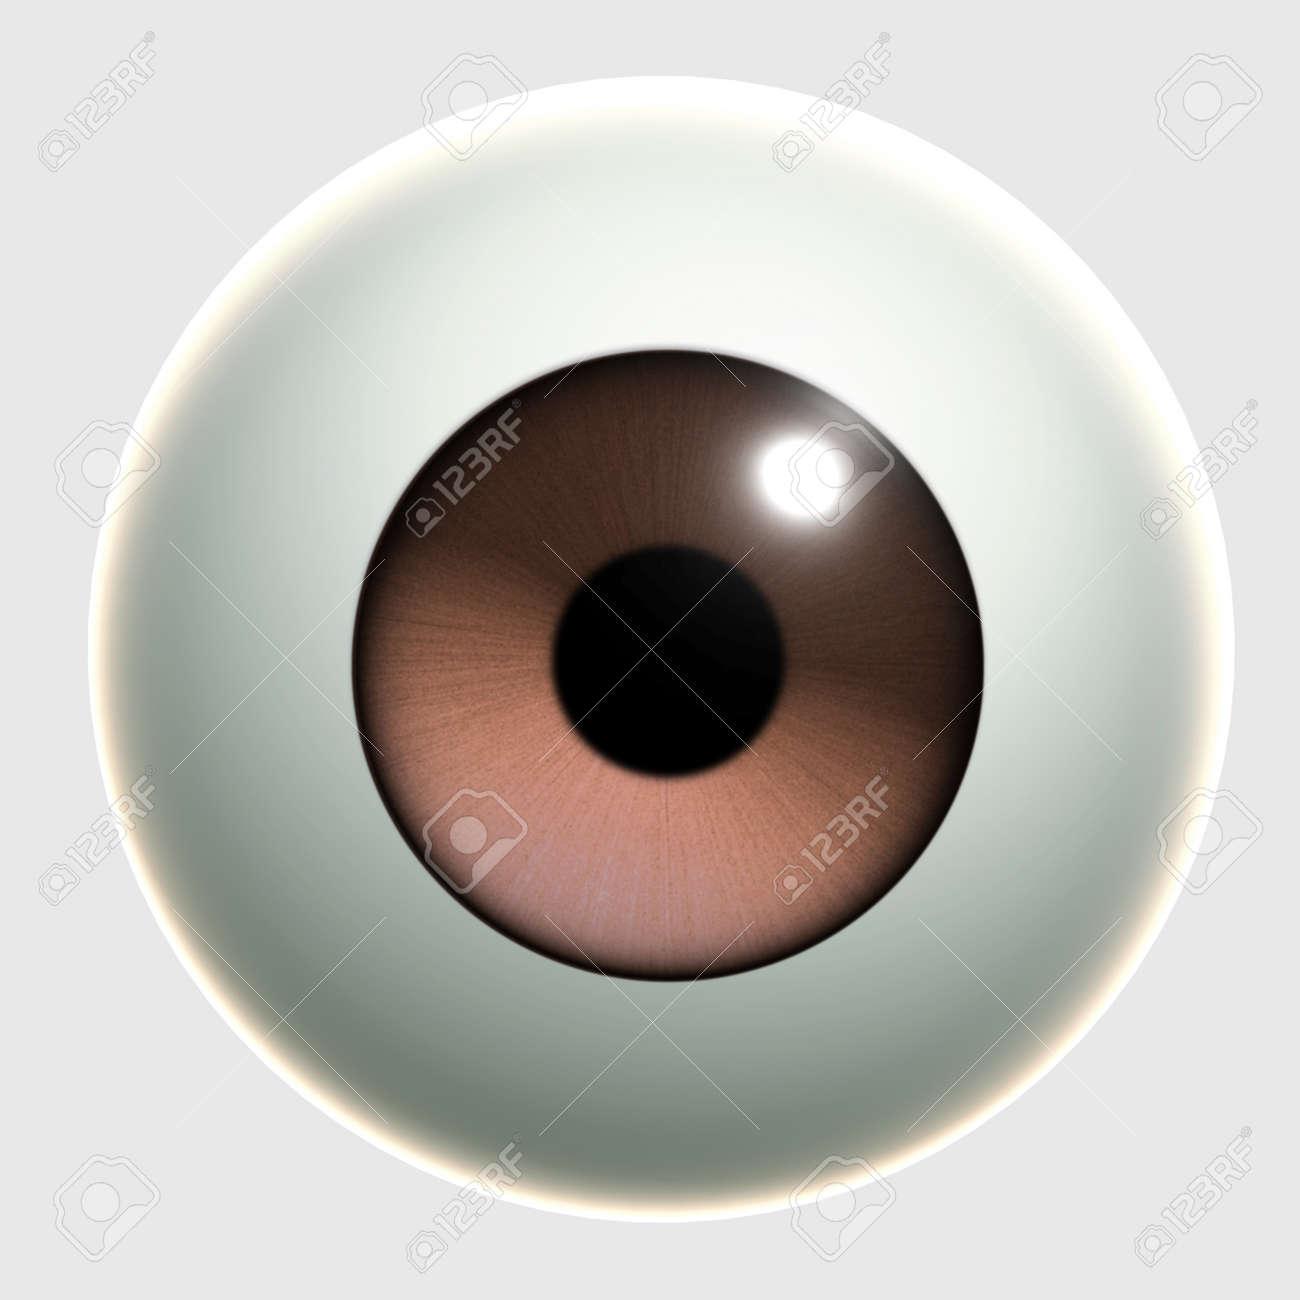 3d cartoon eye - 15612081